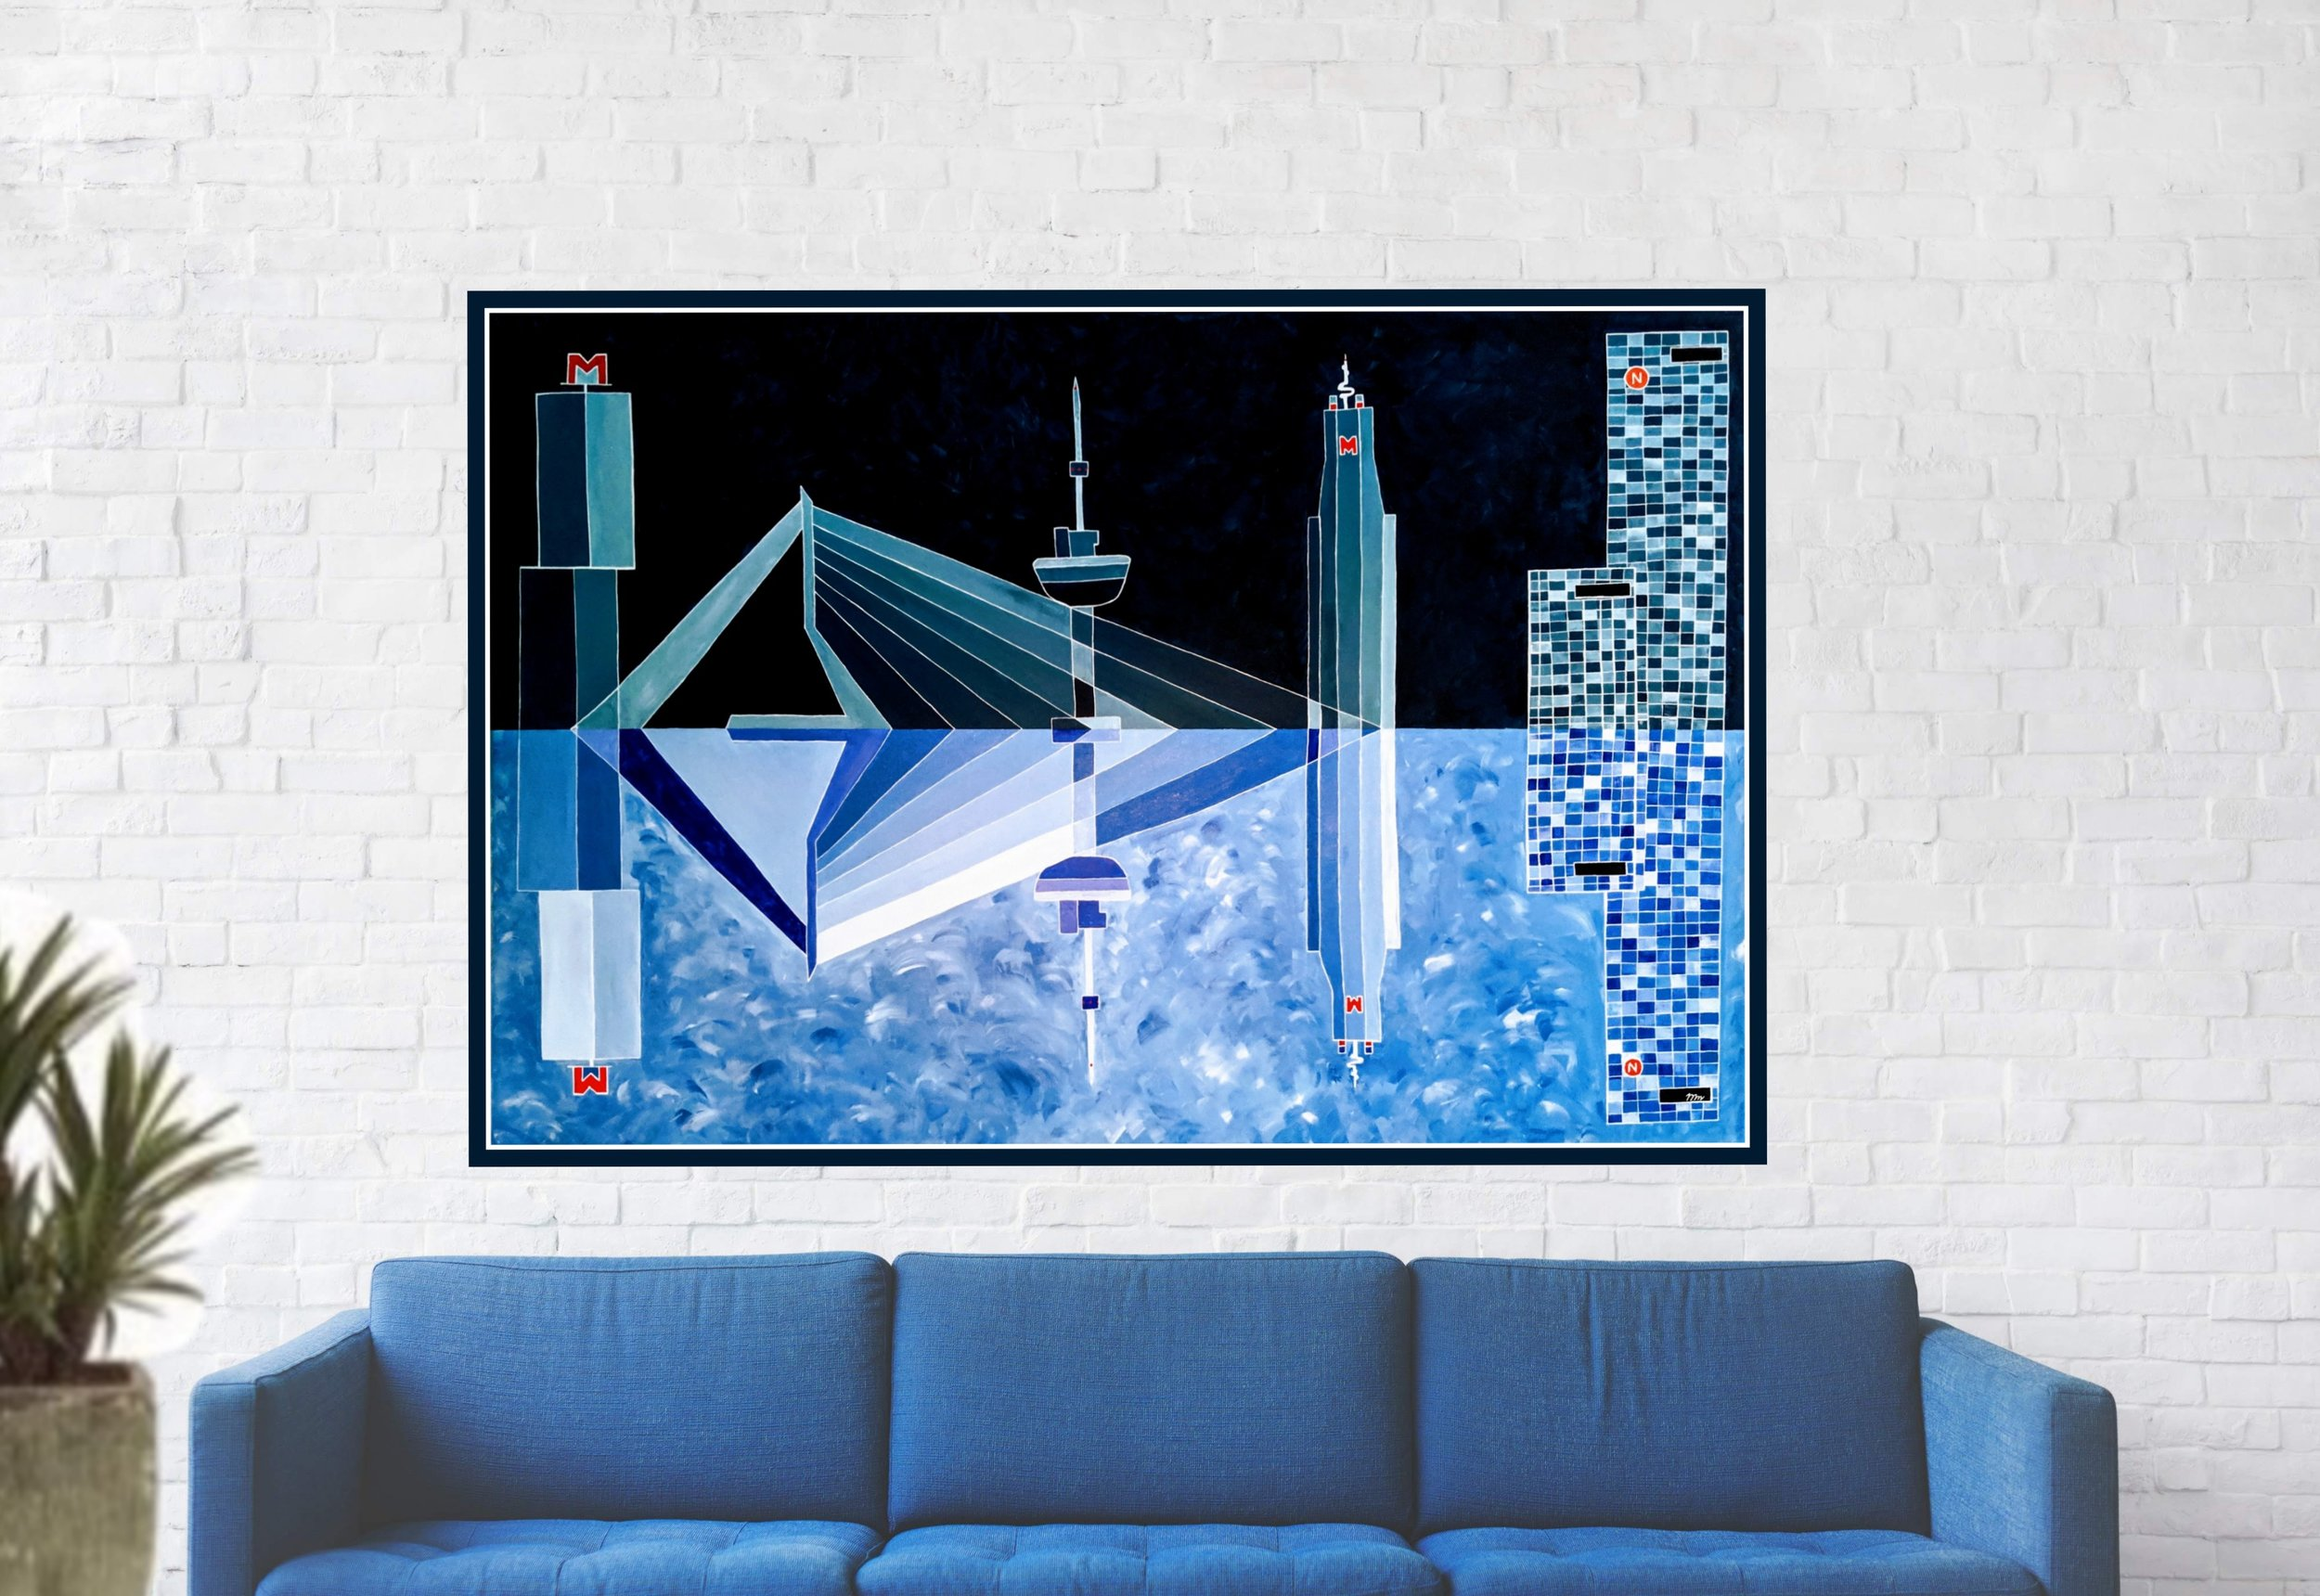 Art studio Jet - Unieke schilderijen van wereldsteden. Bekijk de huidige collecties of neem contact op voor een schilderij op maat.